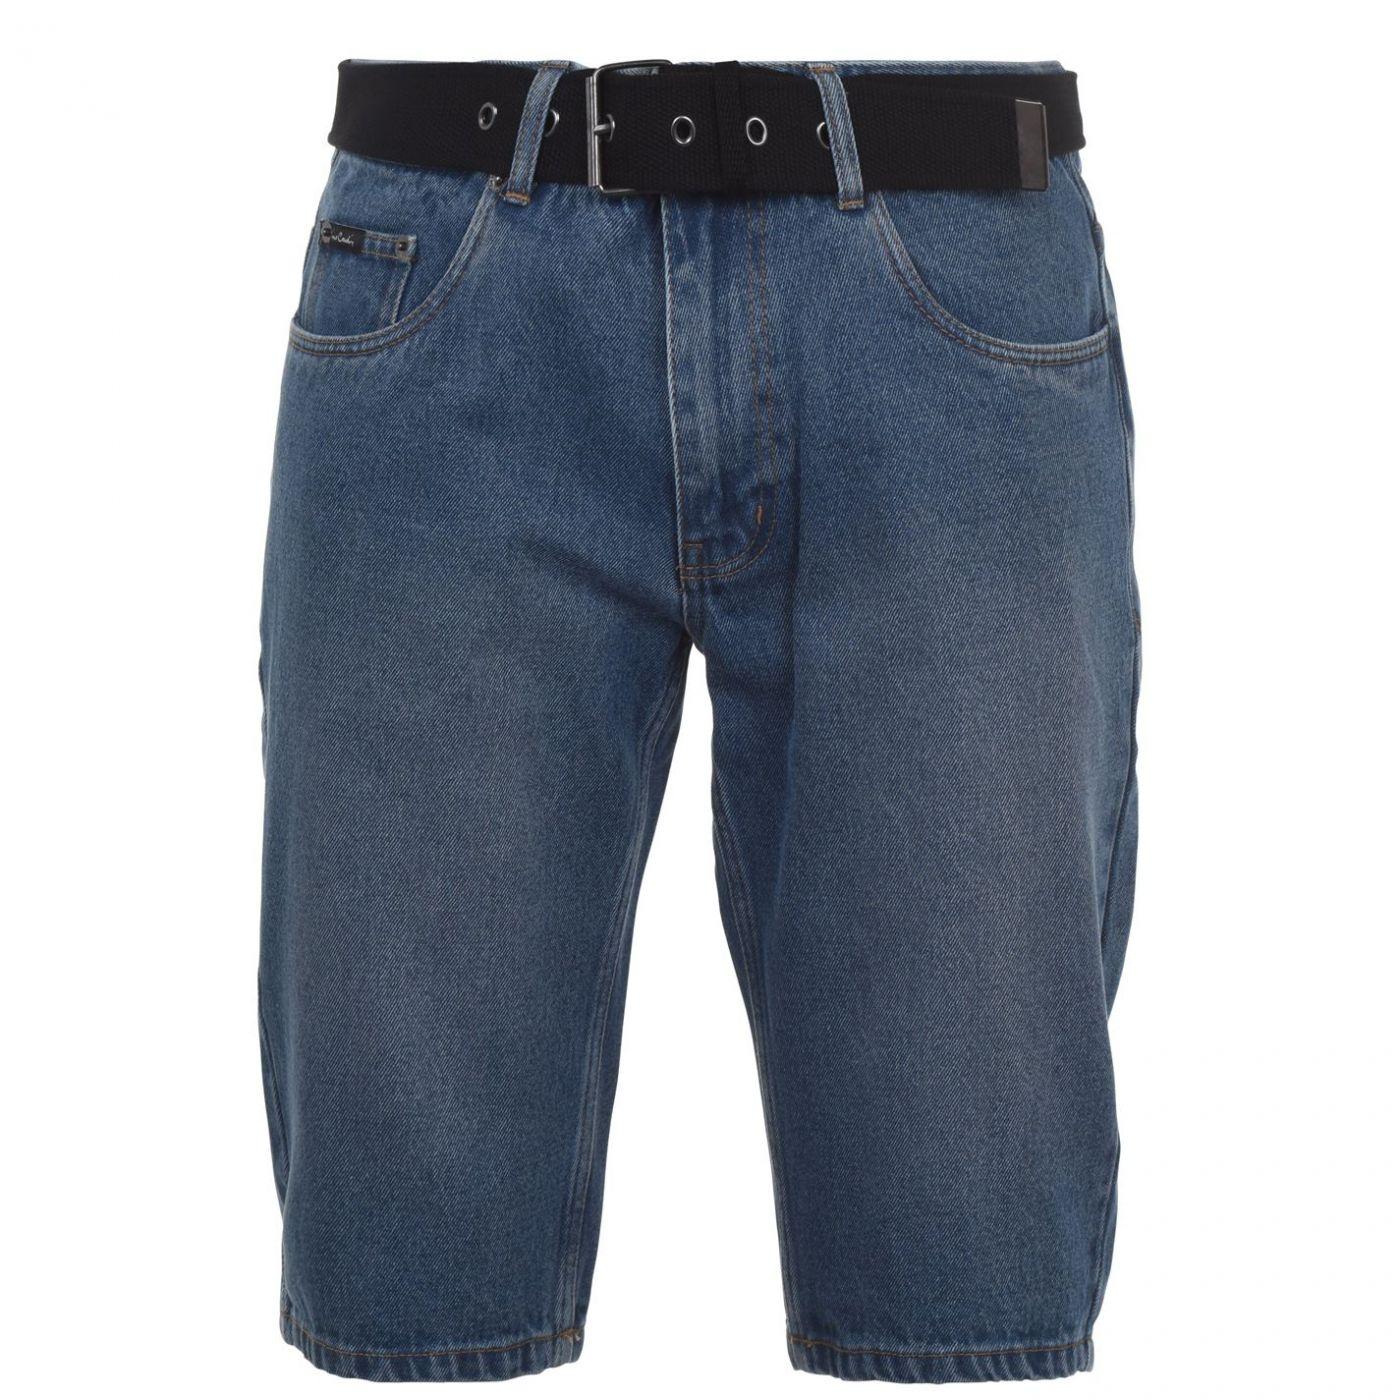 Men's shorts Pierre Cardin Web Belt Denim